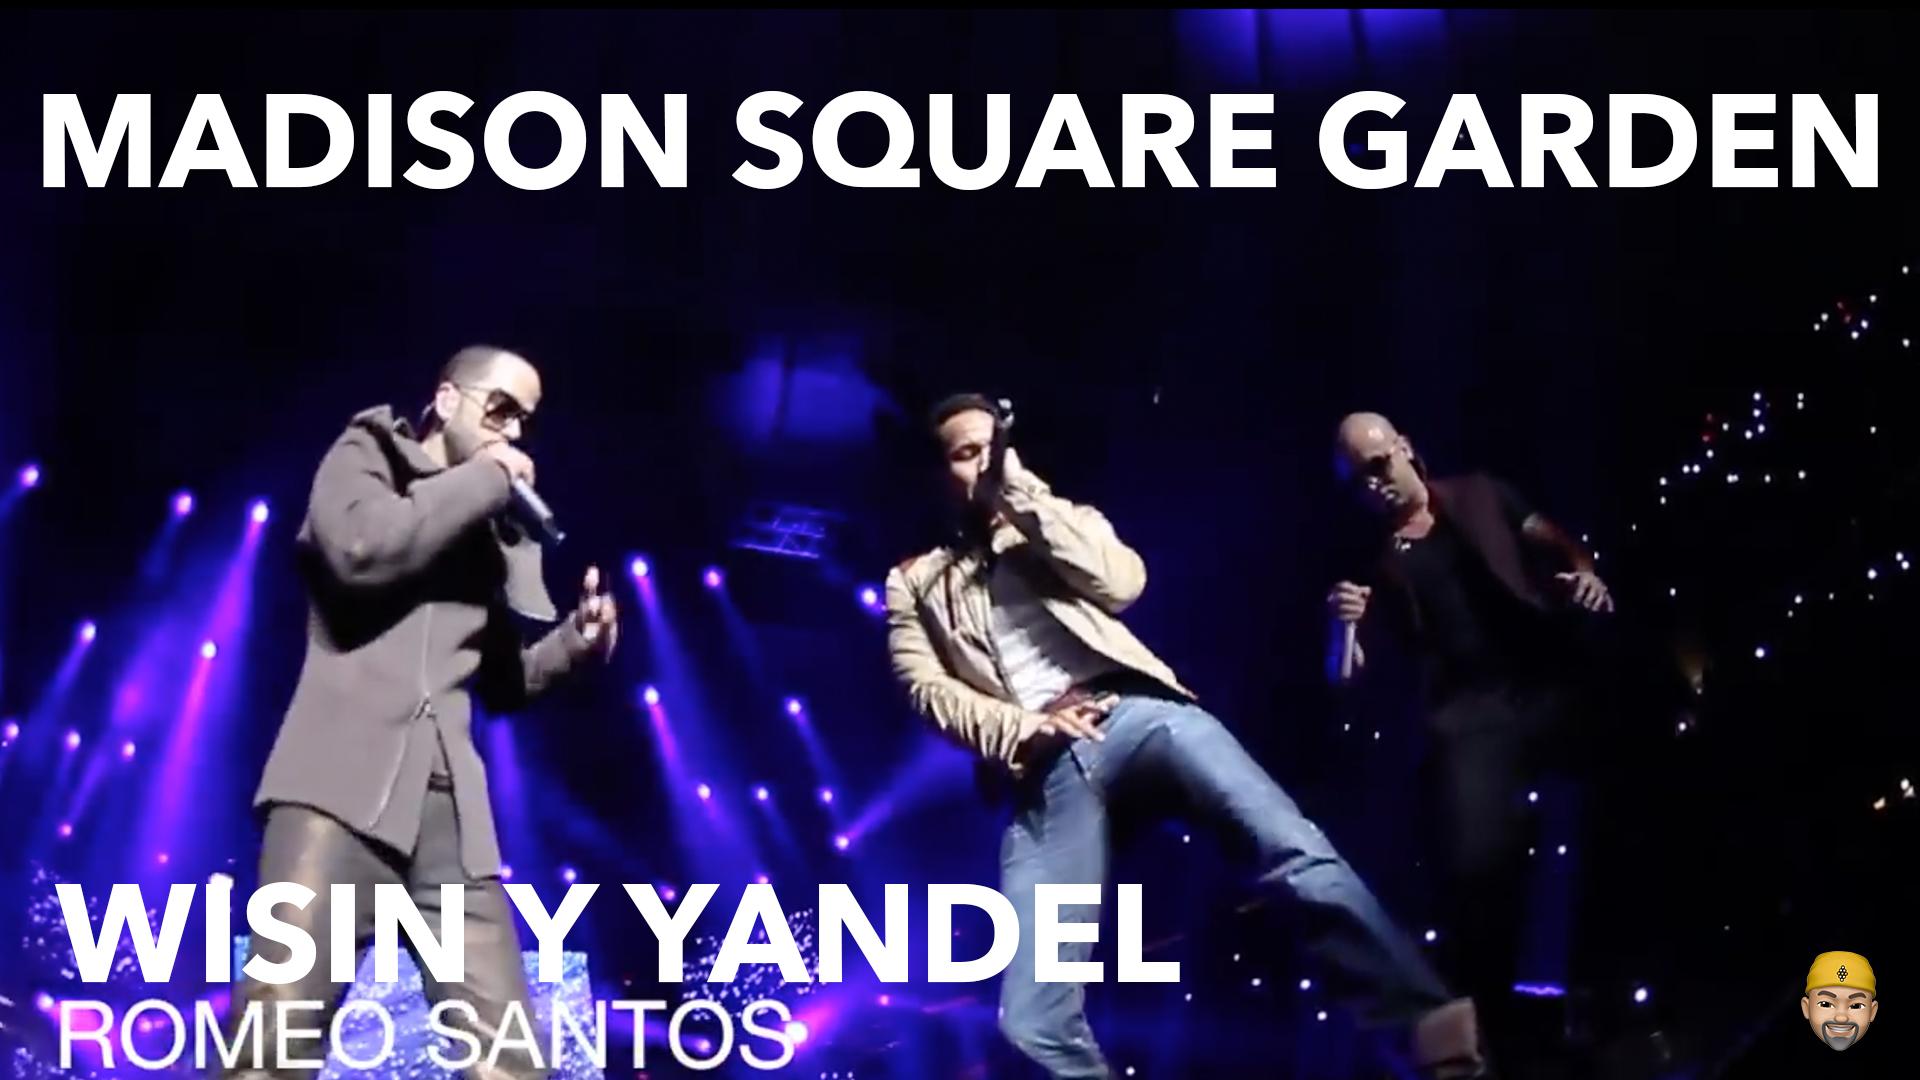 WISIN Y YANDEL LLENAN EL MADISON SQUARE GARDEN NEW YORK EN EL 2013